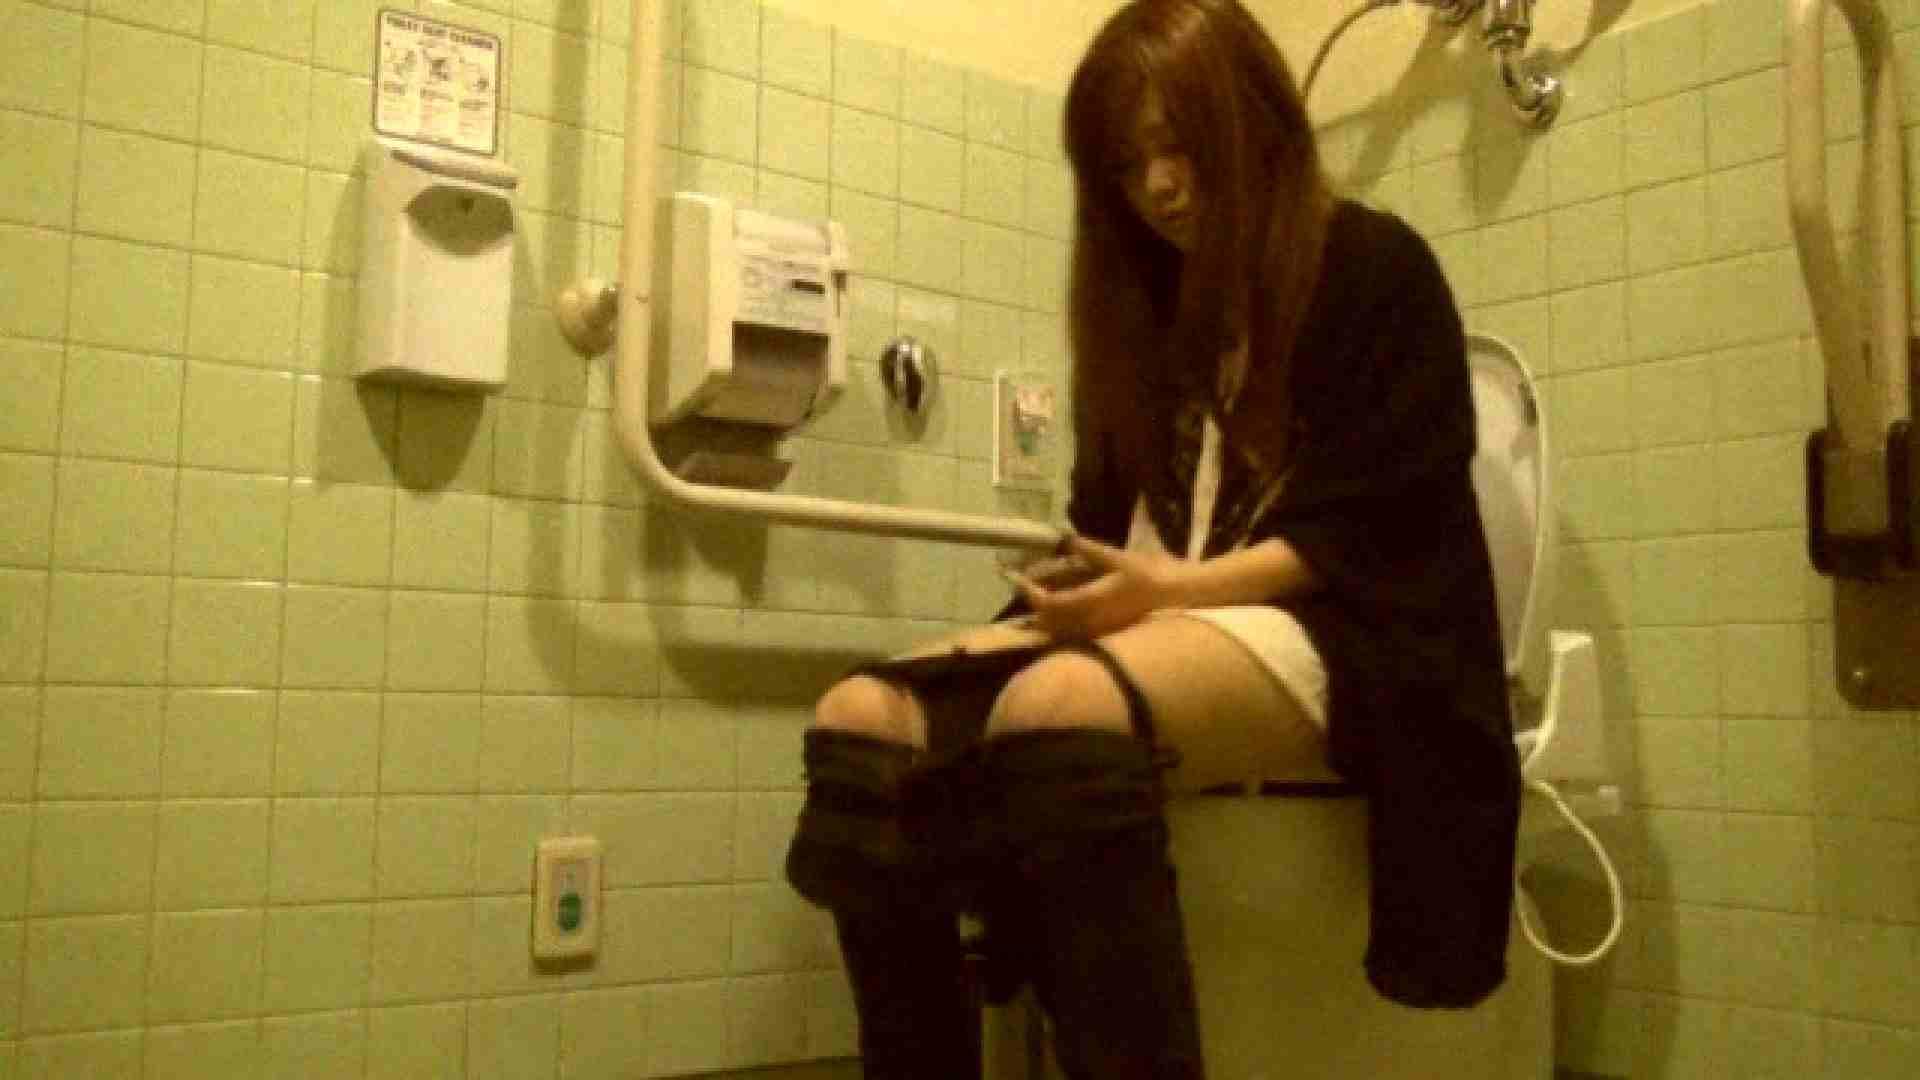 魔術師の お・も・て・な・し vol.26 19歳のバーの店員さんの洗面所をしばし… 洗面所  60枚 53